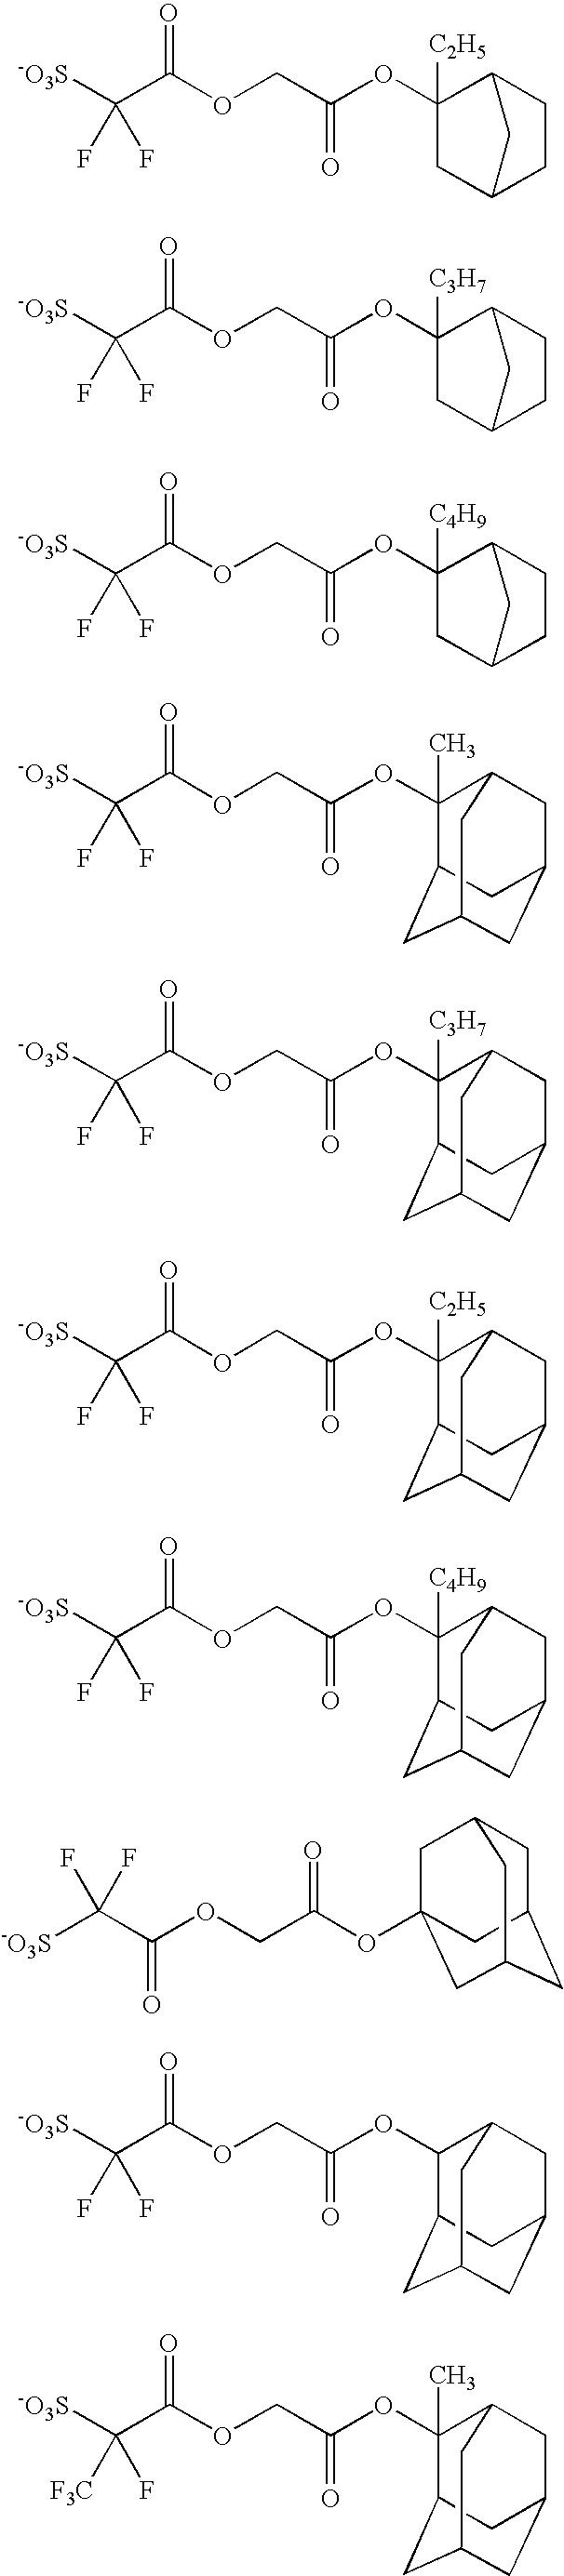 Figure US20100323296A1-20101223-C00109